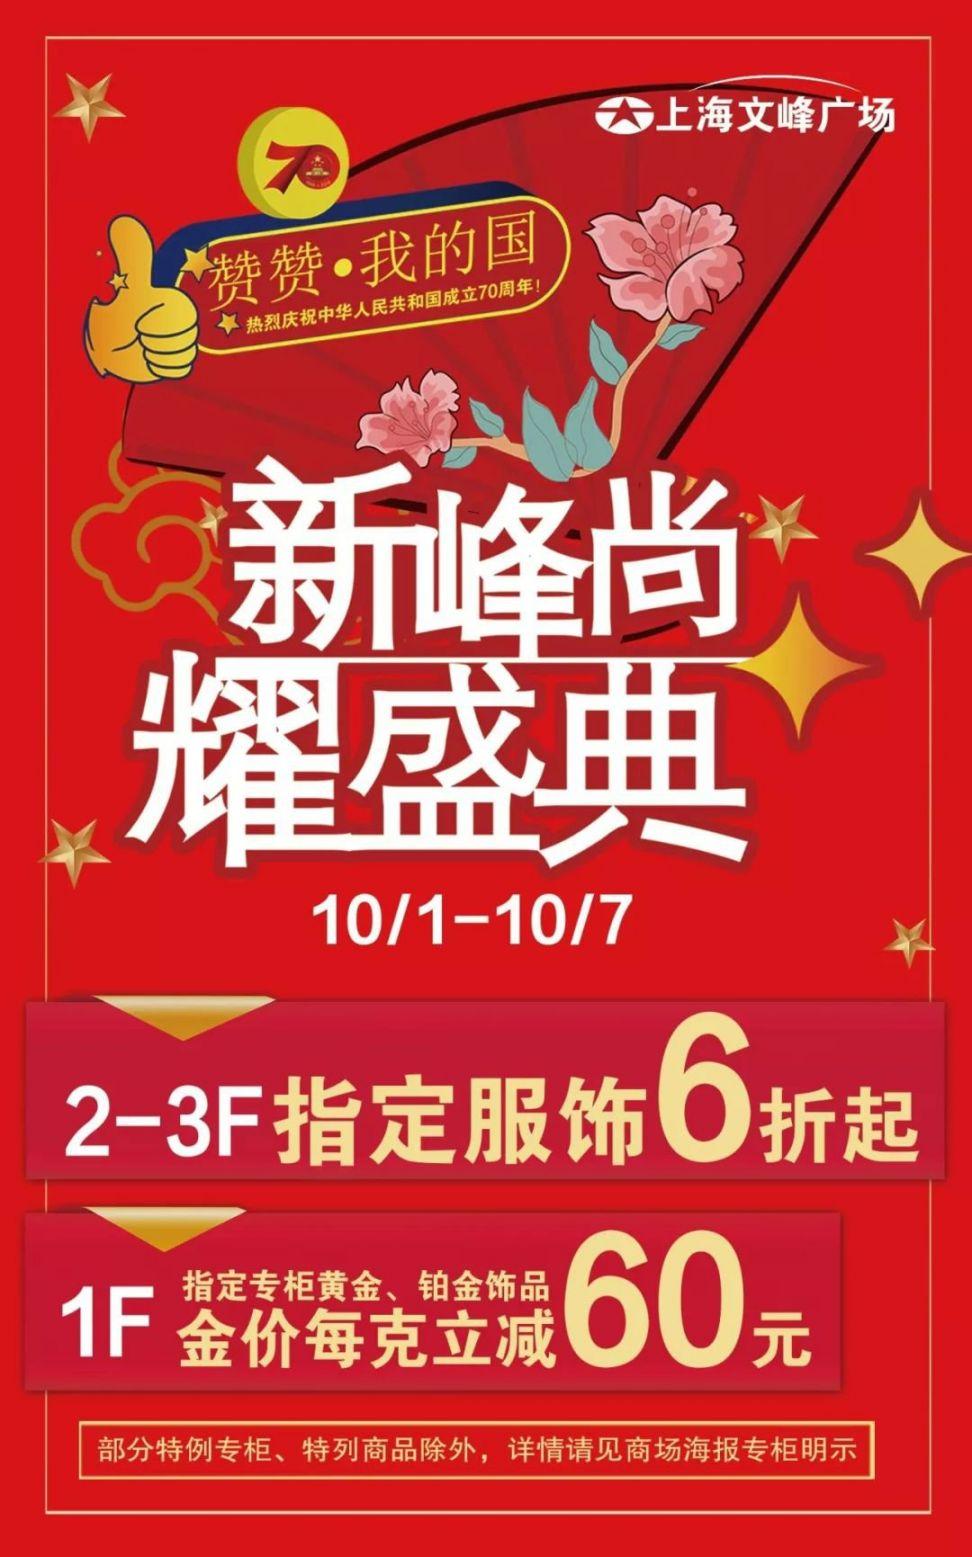 上海文峰广场国庆钜惠 大牌运动单品5折起